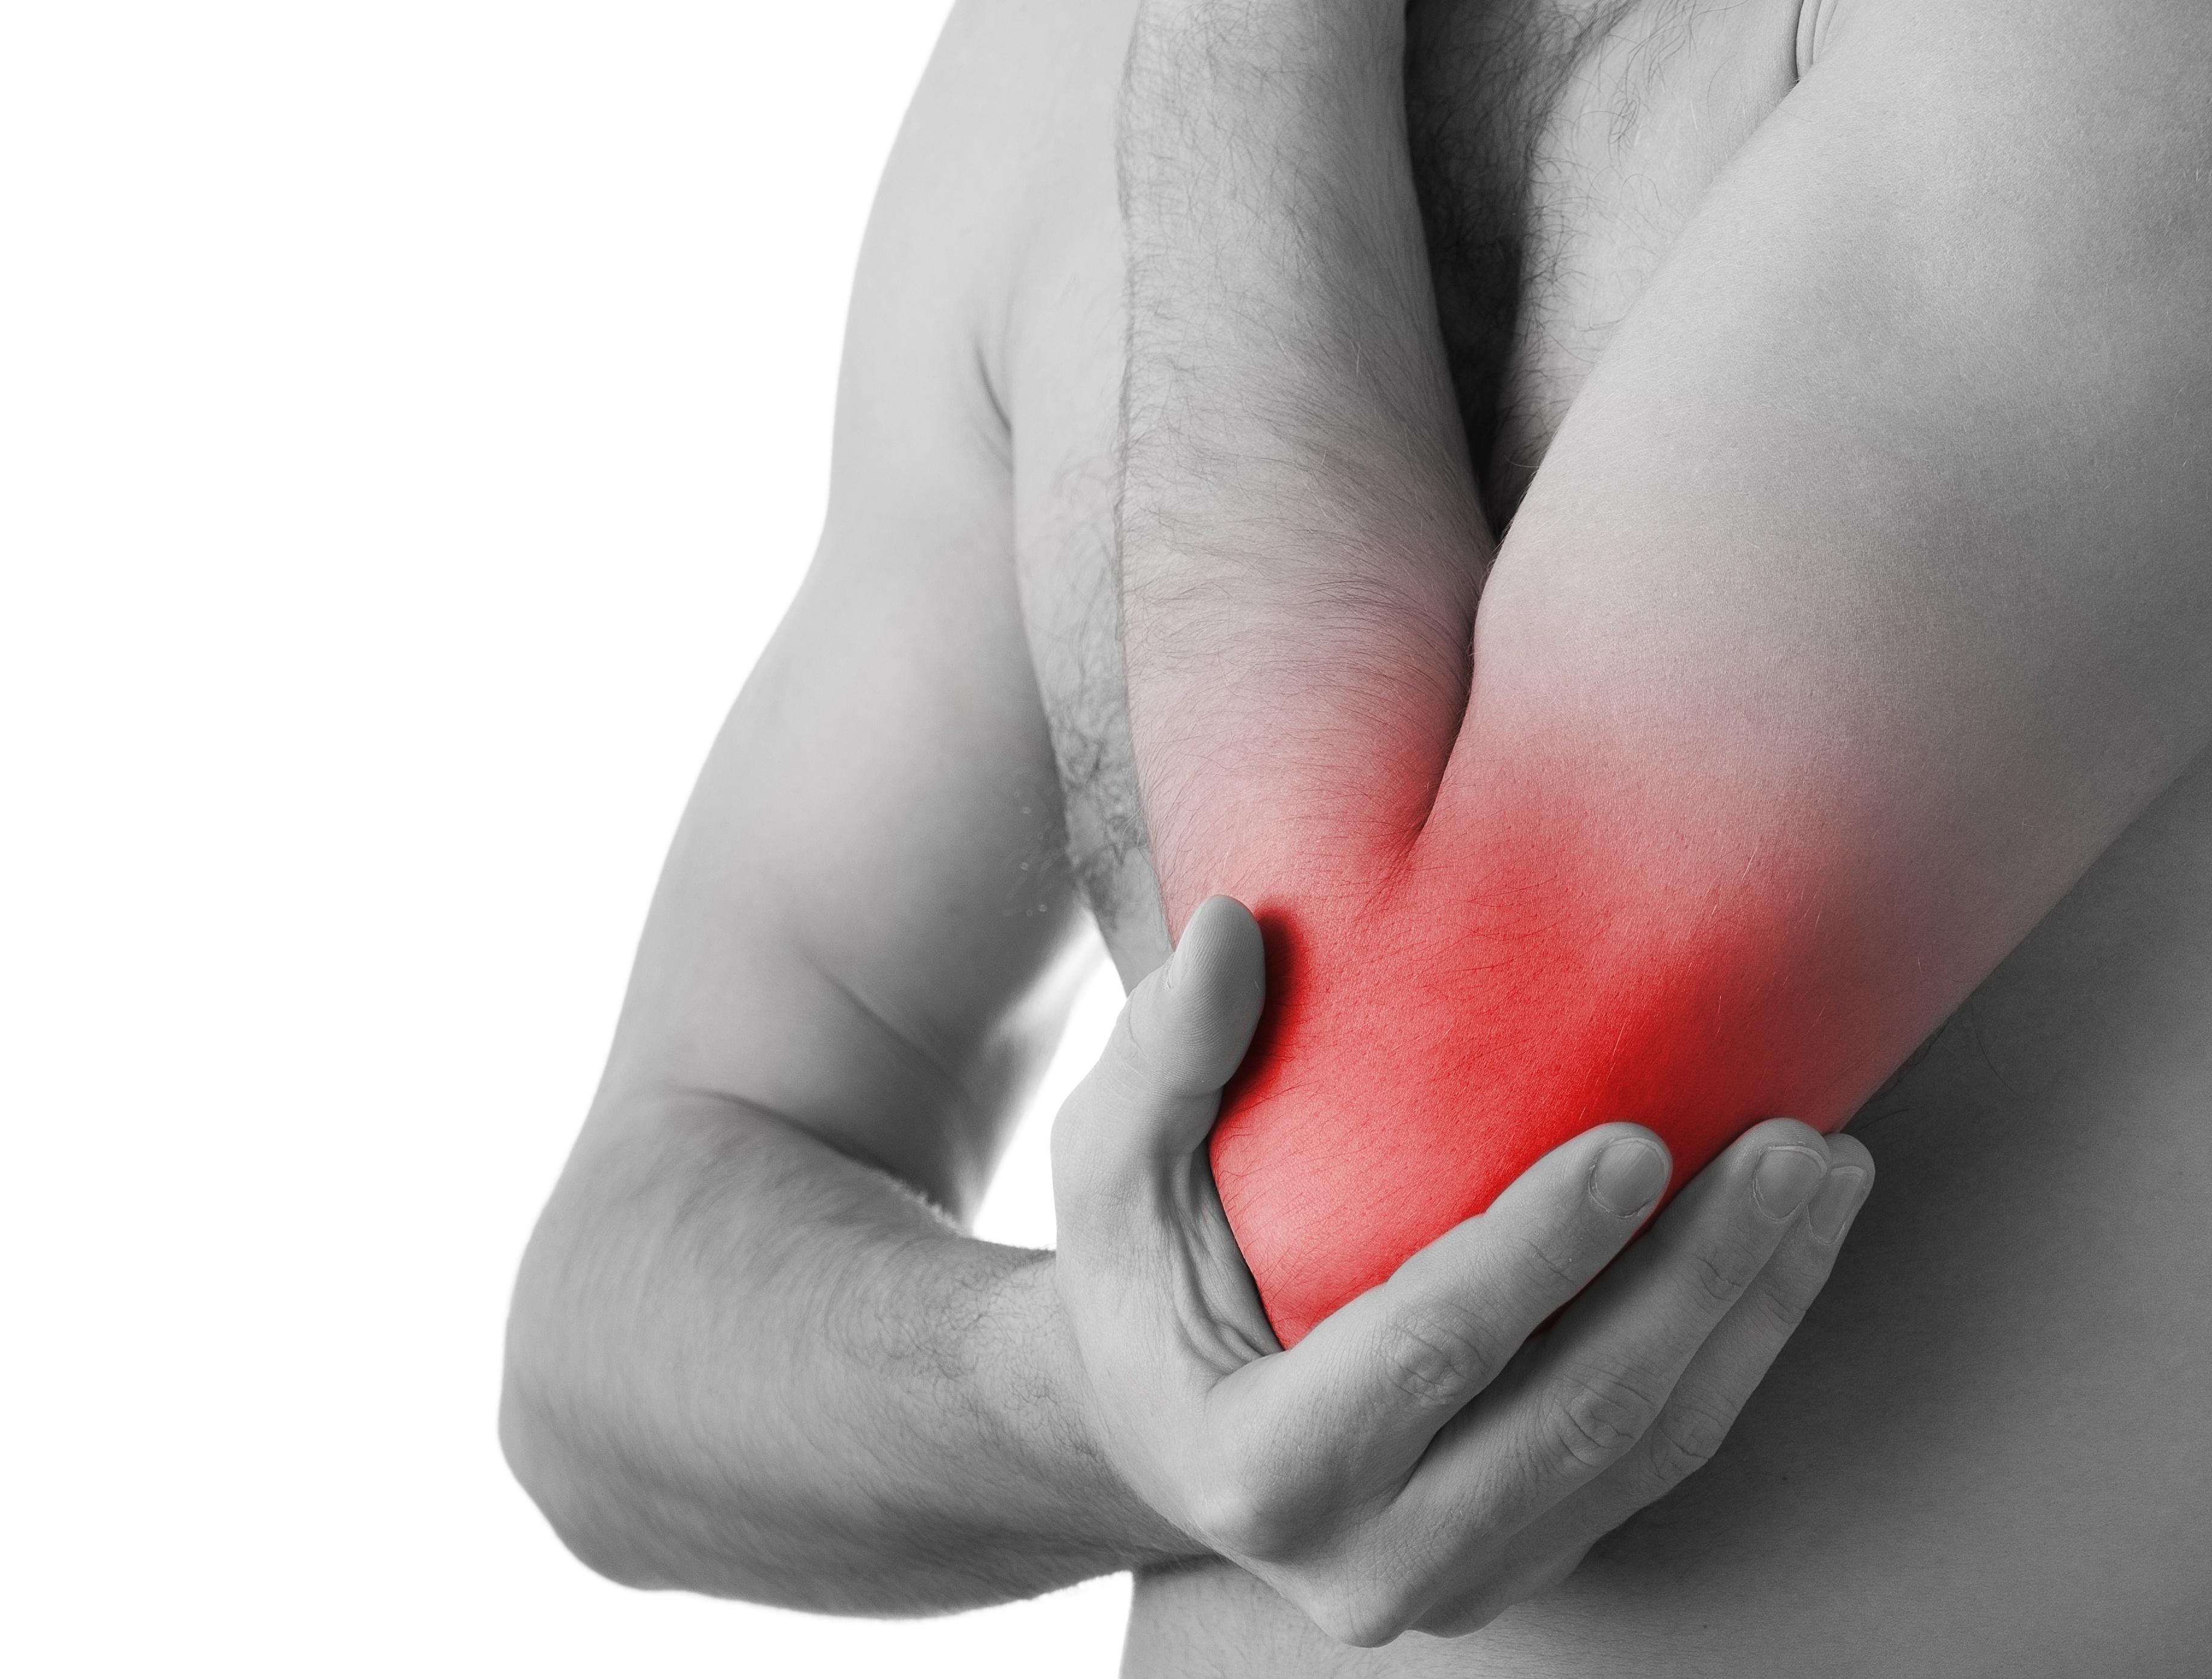 az ízületi fájdalmak legjobb gyógymódjai